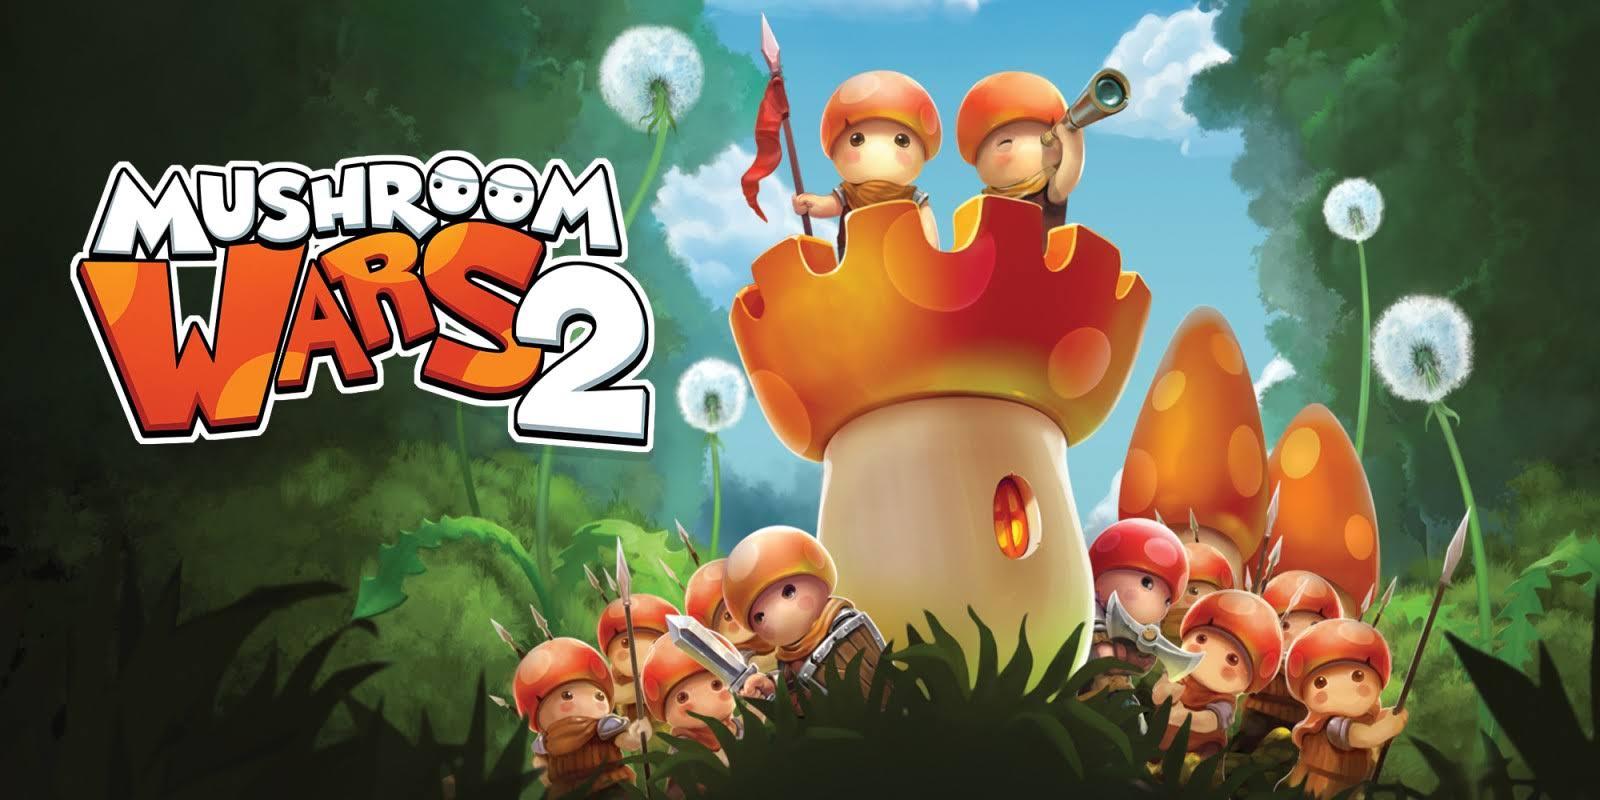 mushroom-wars-2